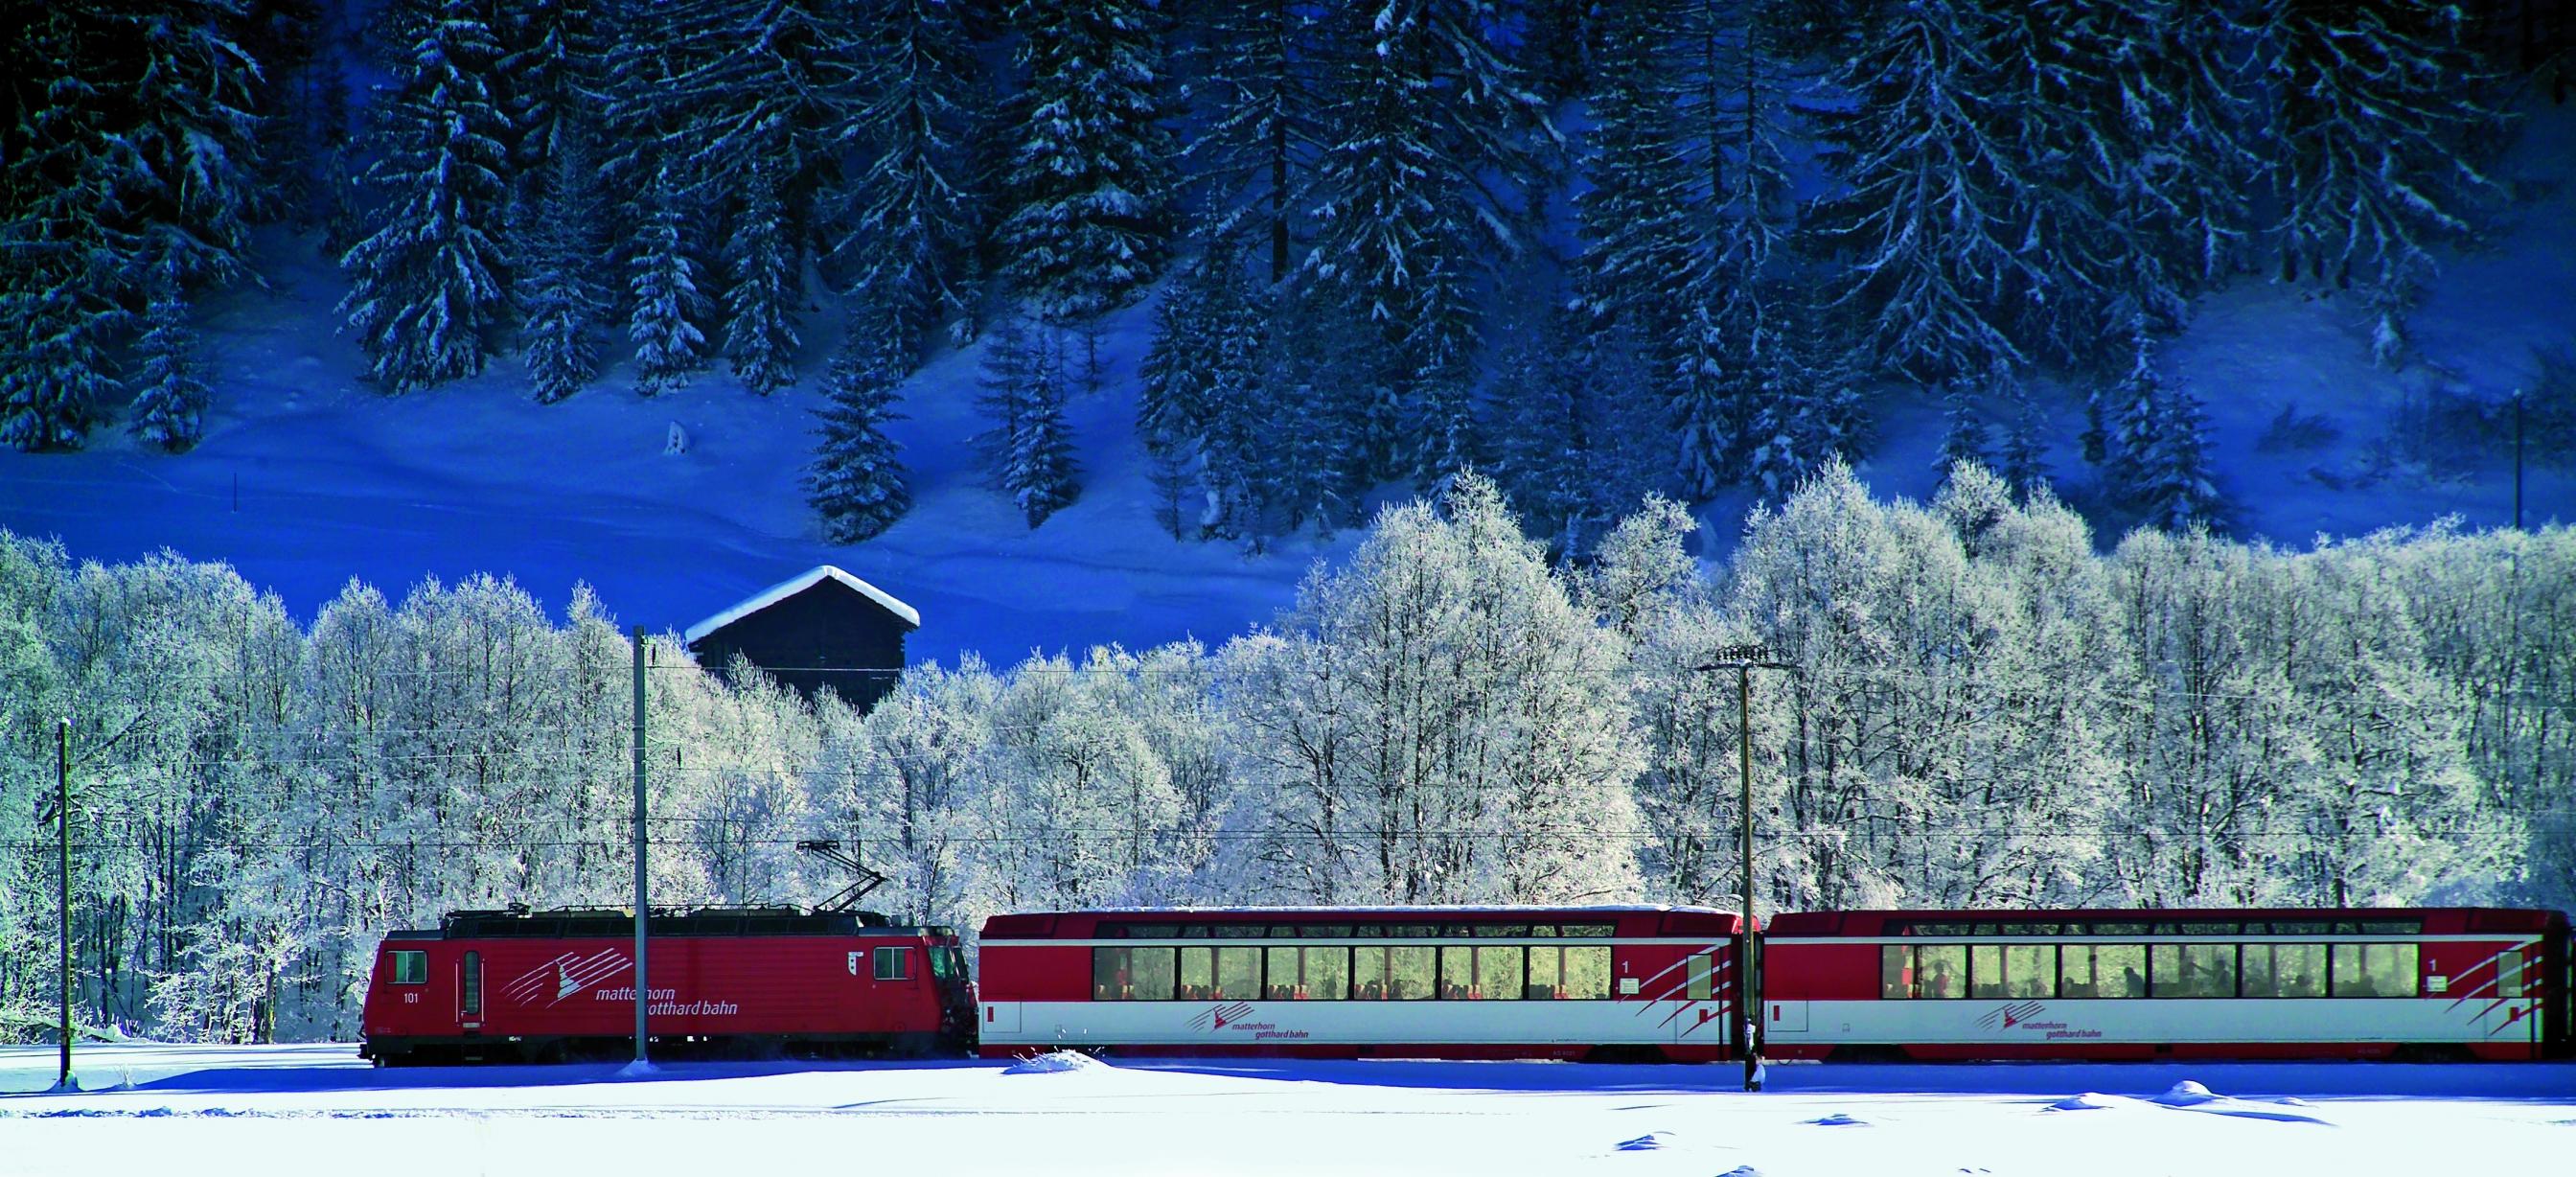 Rail Matterhorn Gotthard Bahn